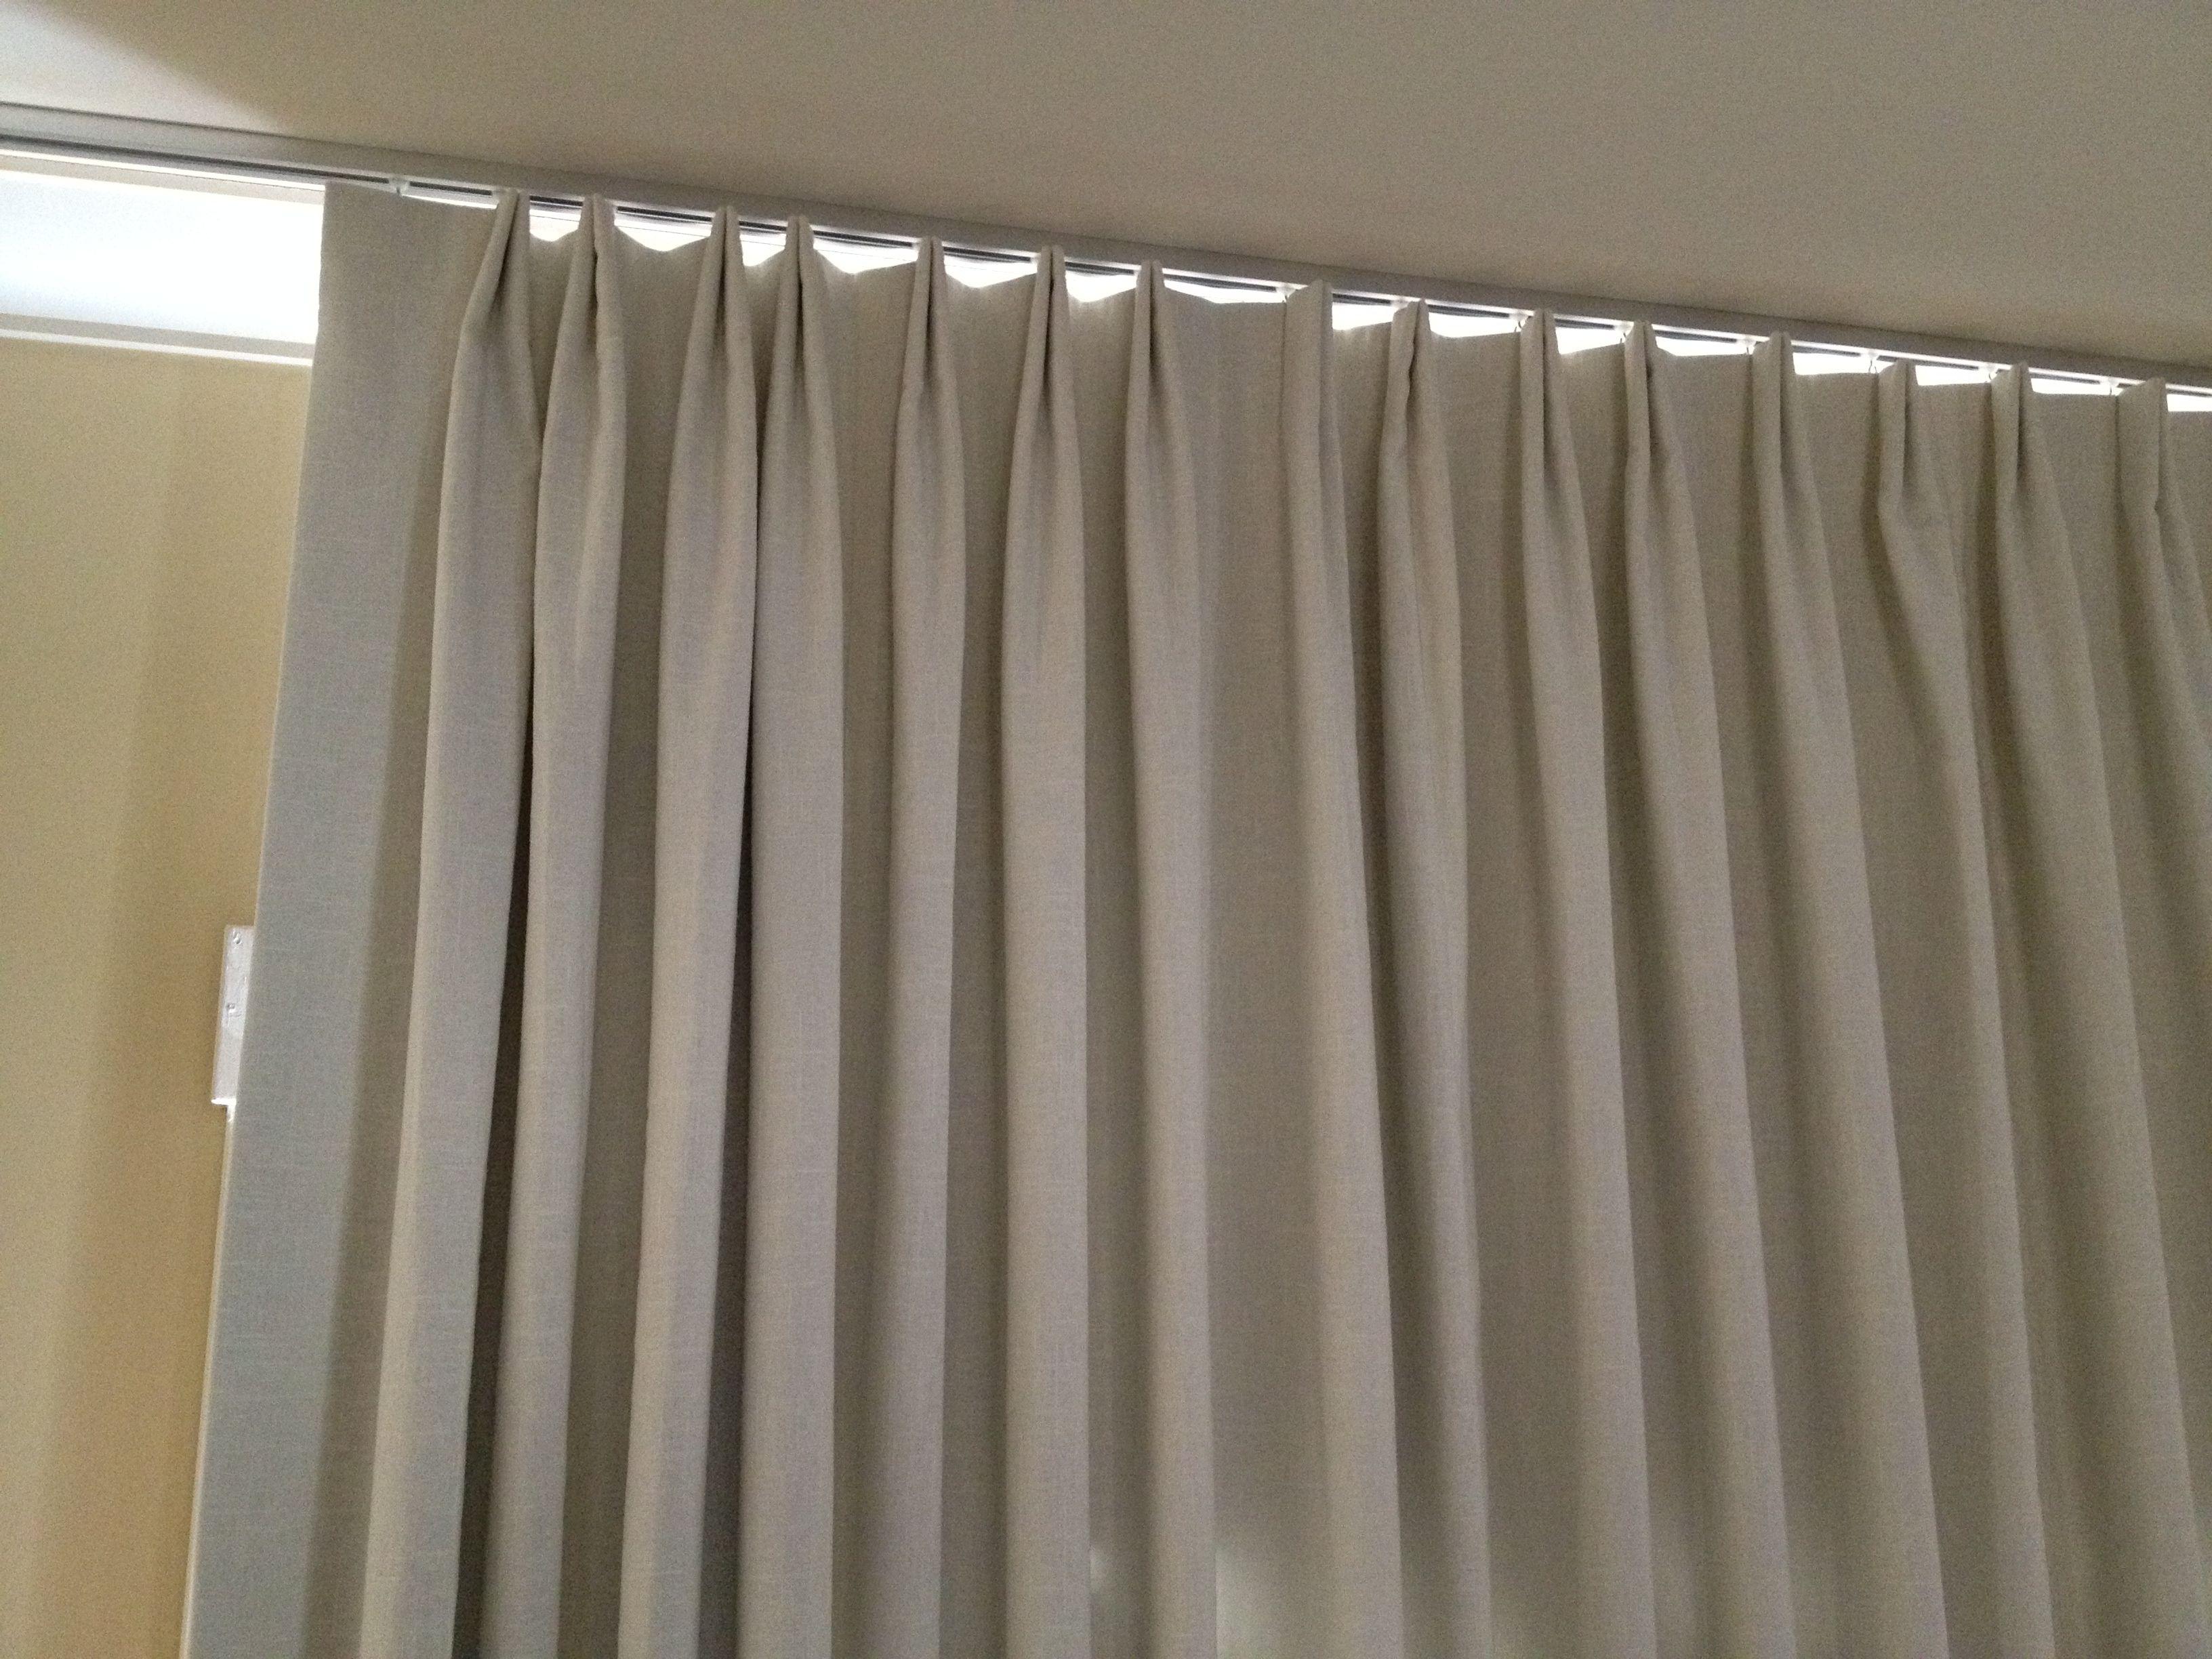 Pencil Pleat Curtain Track | www.cintronbeveragegroup.com for Pencil Pleat Curtains On Track  585eri